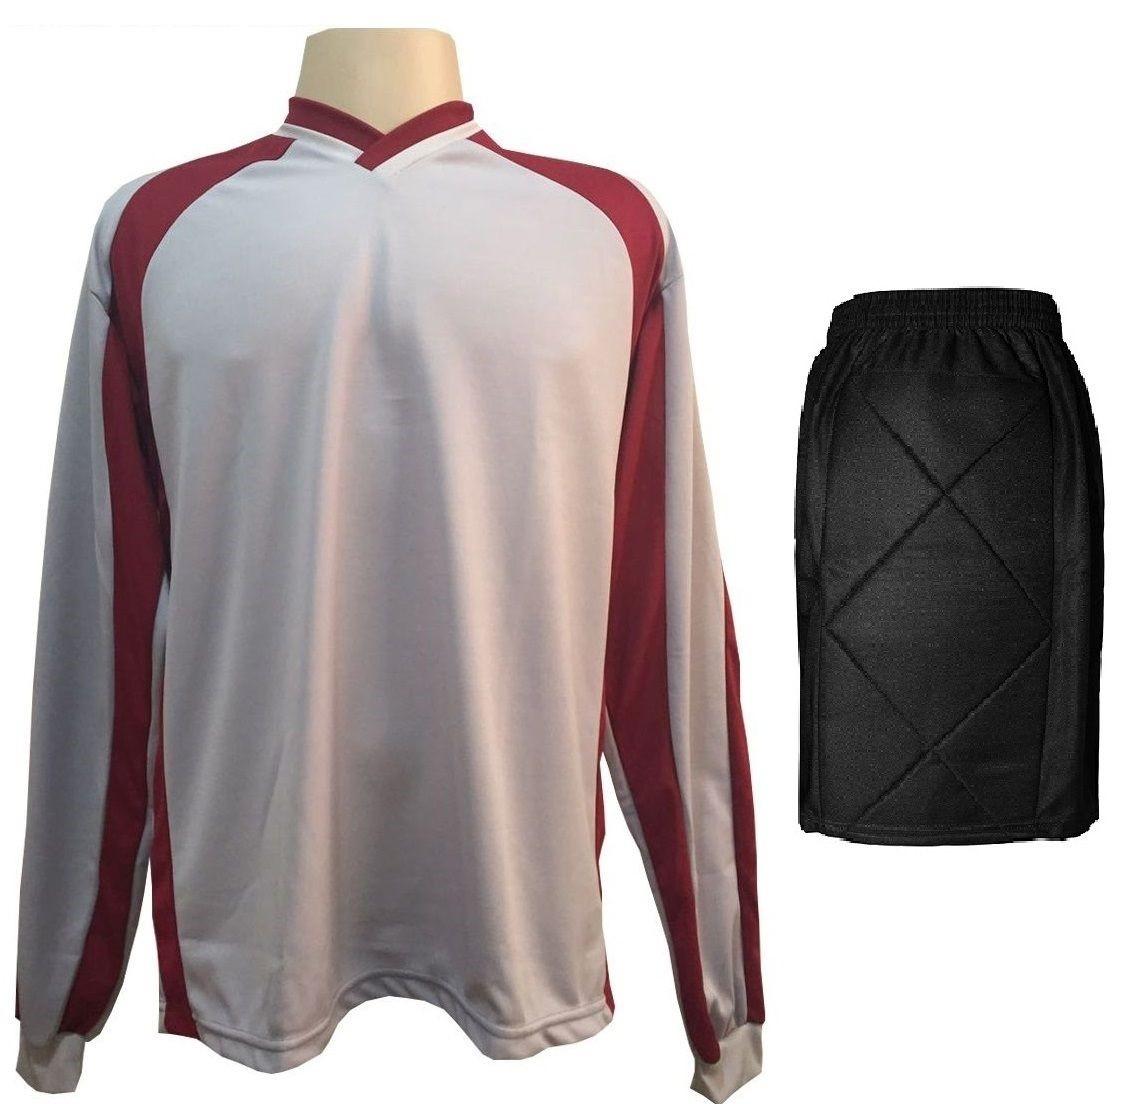 Uniforme Esportivo com 20 camisas modelo Bélgica Verde/Branco + 20 calções modelo Madrid + 1 Goleiro + Brindes